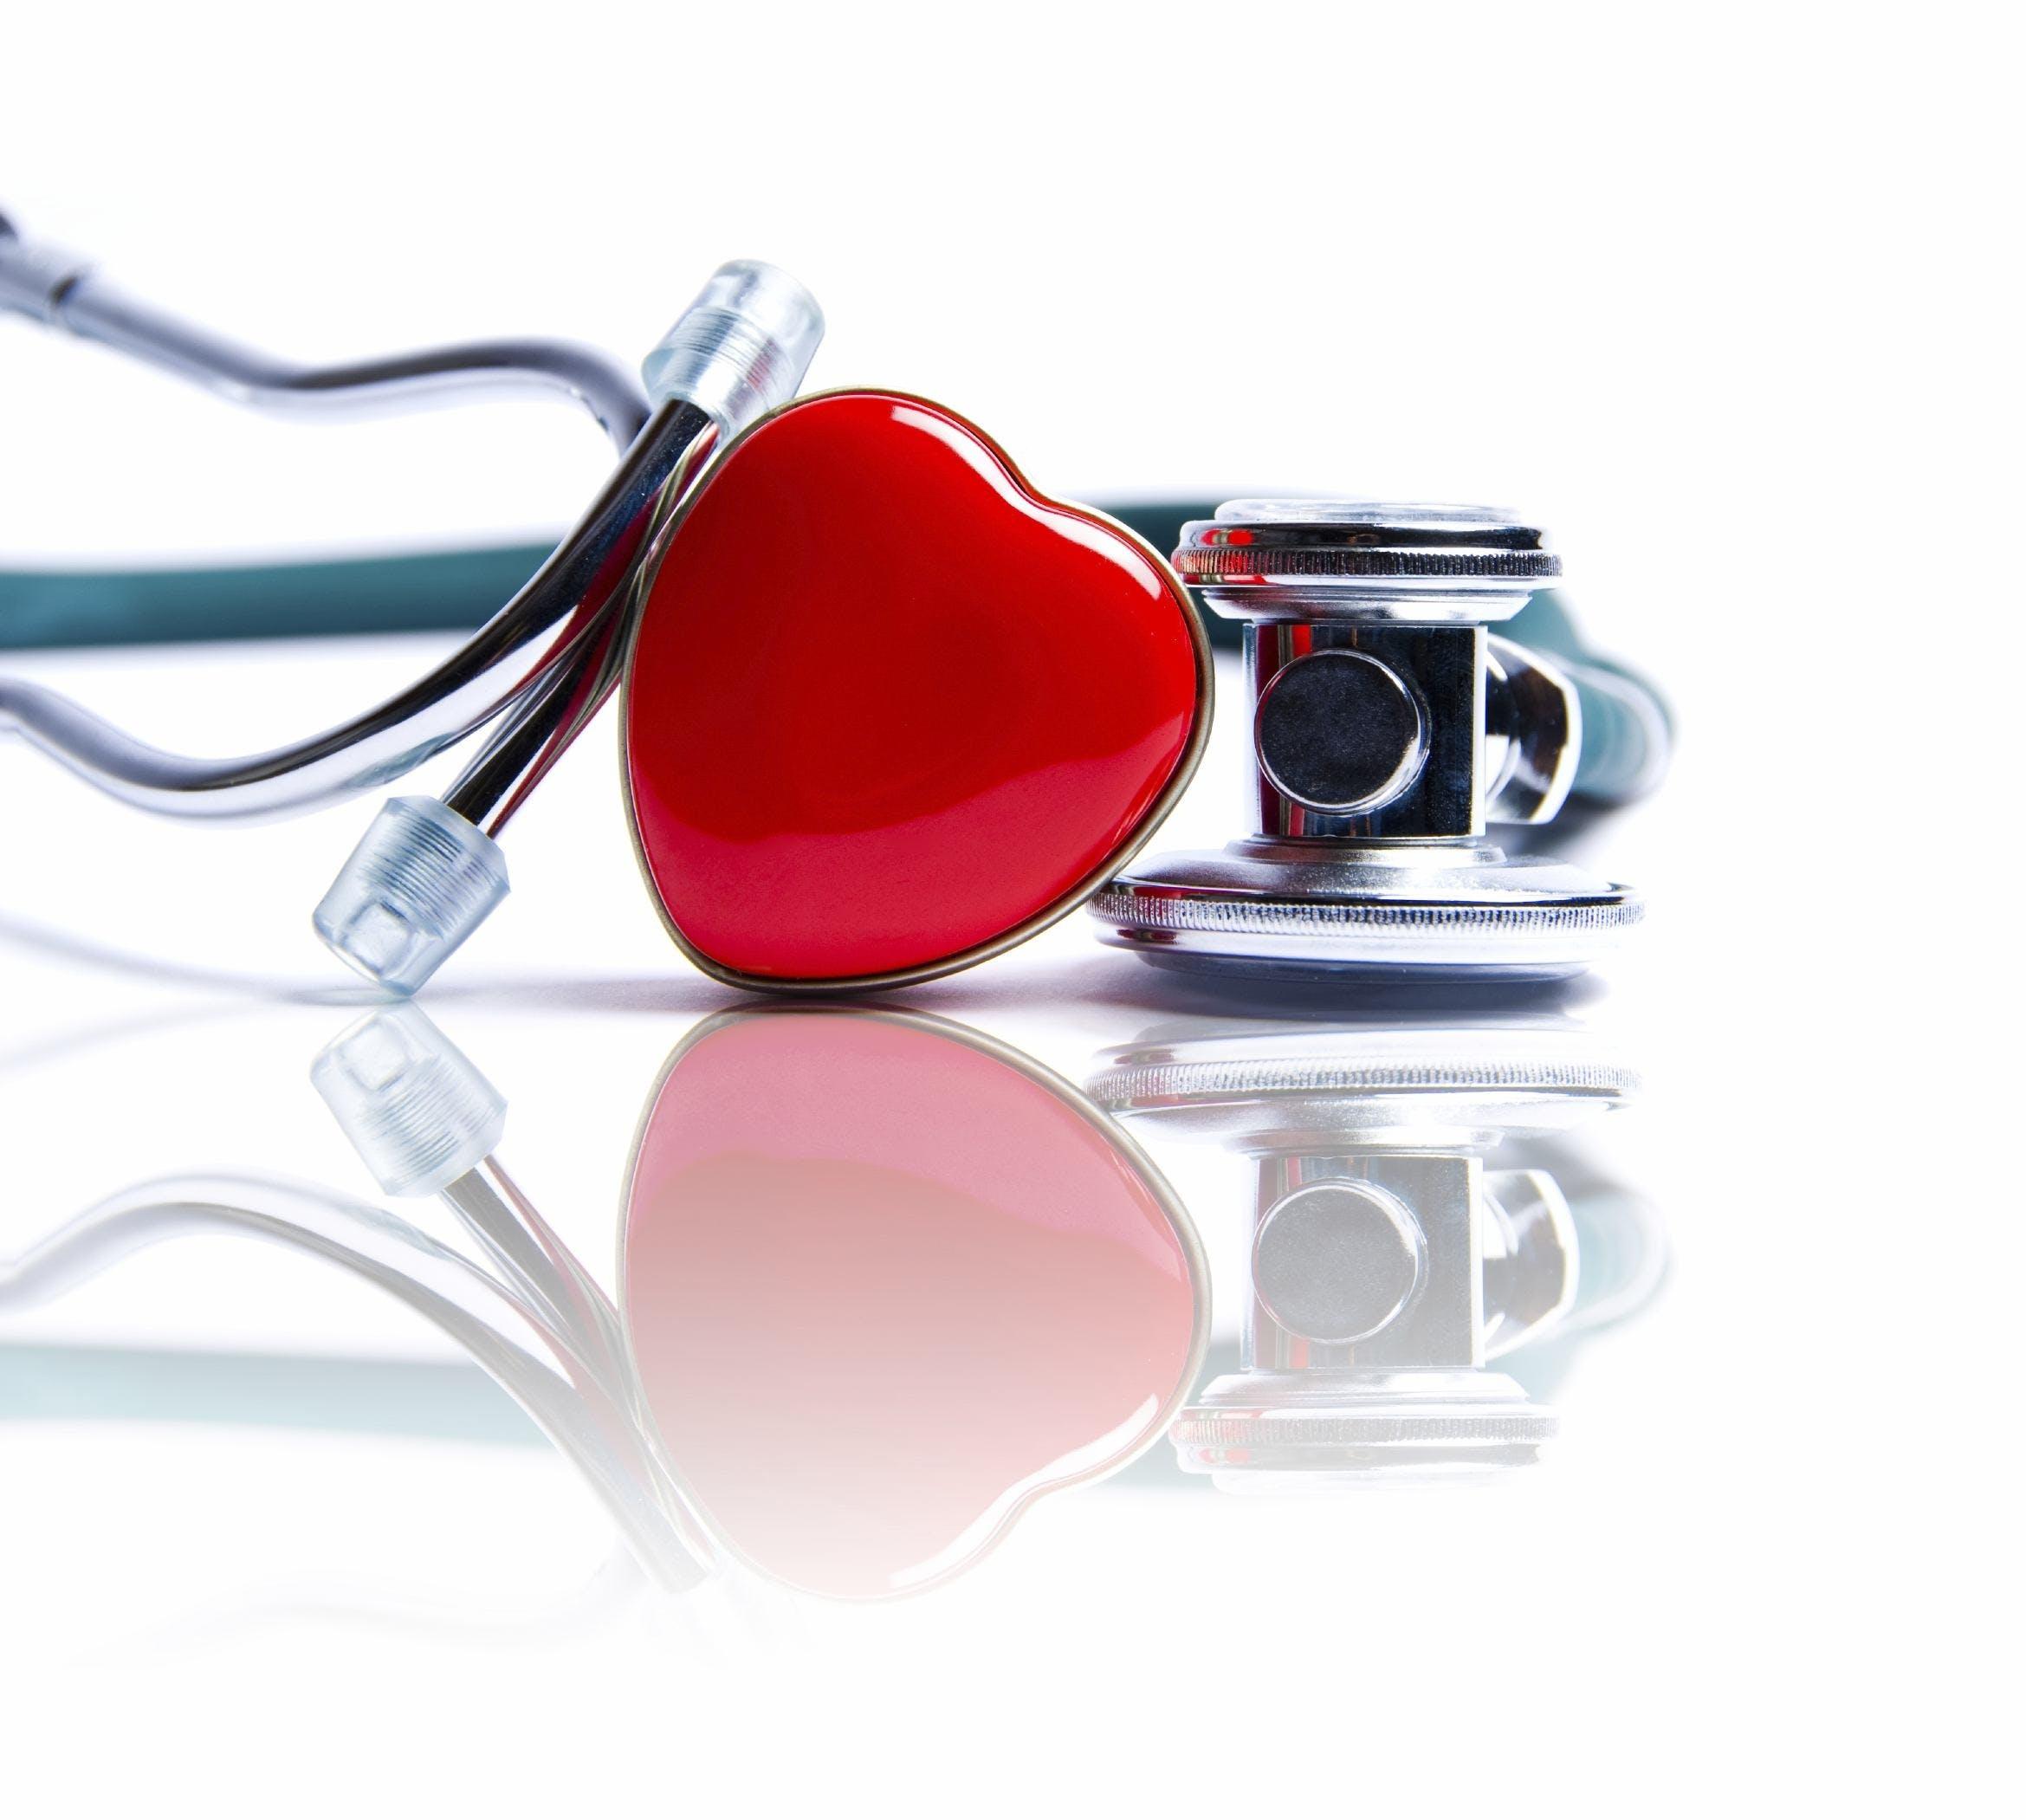 Δωρεάν στοκ φωτογραφιών με αγάπη, αντανάκλαση, διάγνωση, θεραπεία